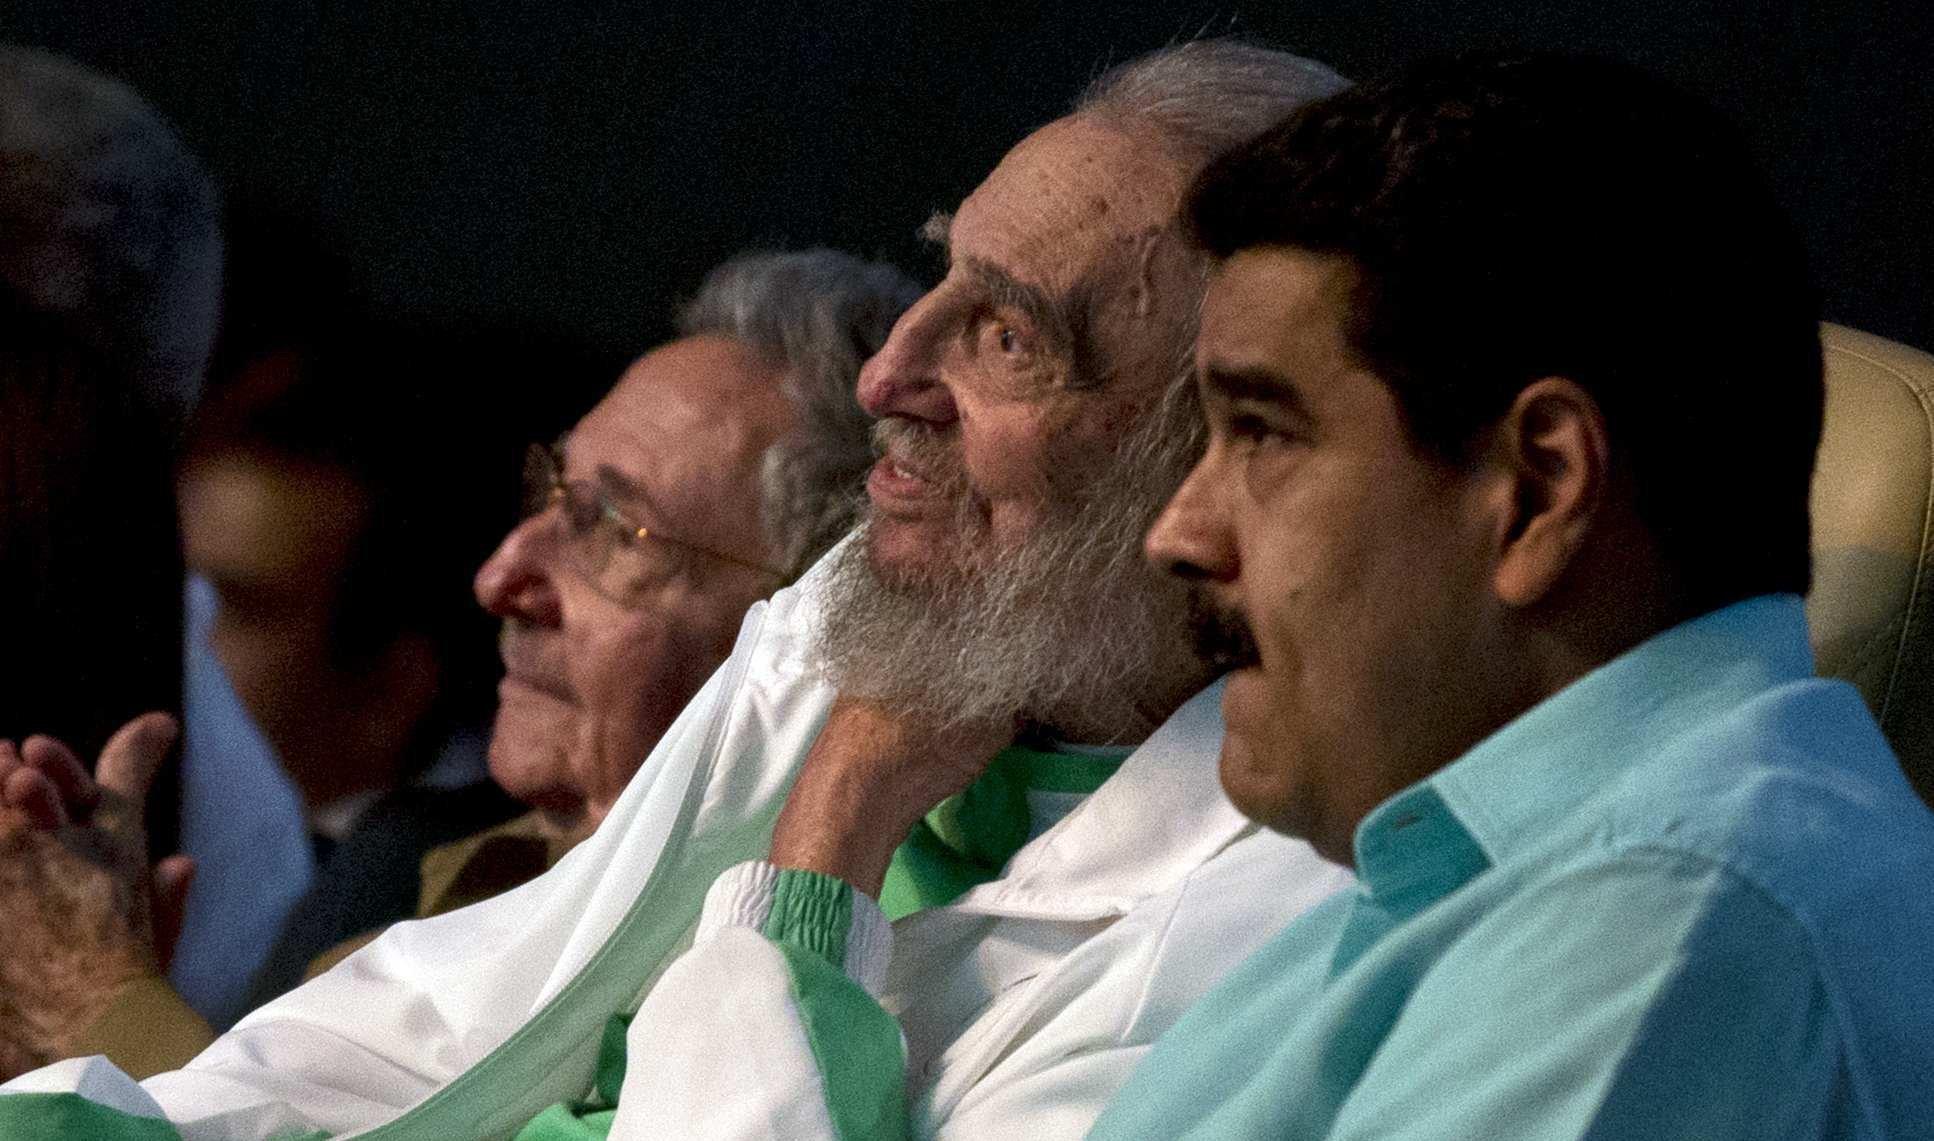 Fidel Castro, líder cubano, asiste a celebración de su 90º cumpleaños, junto con su hermano Raúl Castro, presidente de Cuba, y Nicolás Maduro, presidente de Venezuela